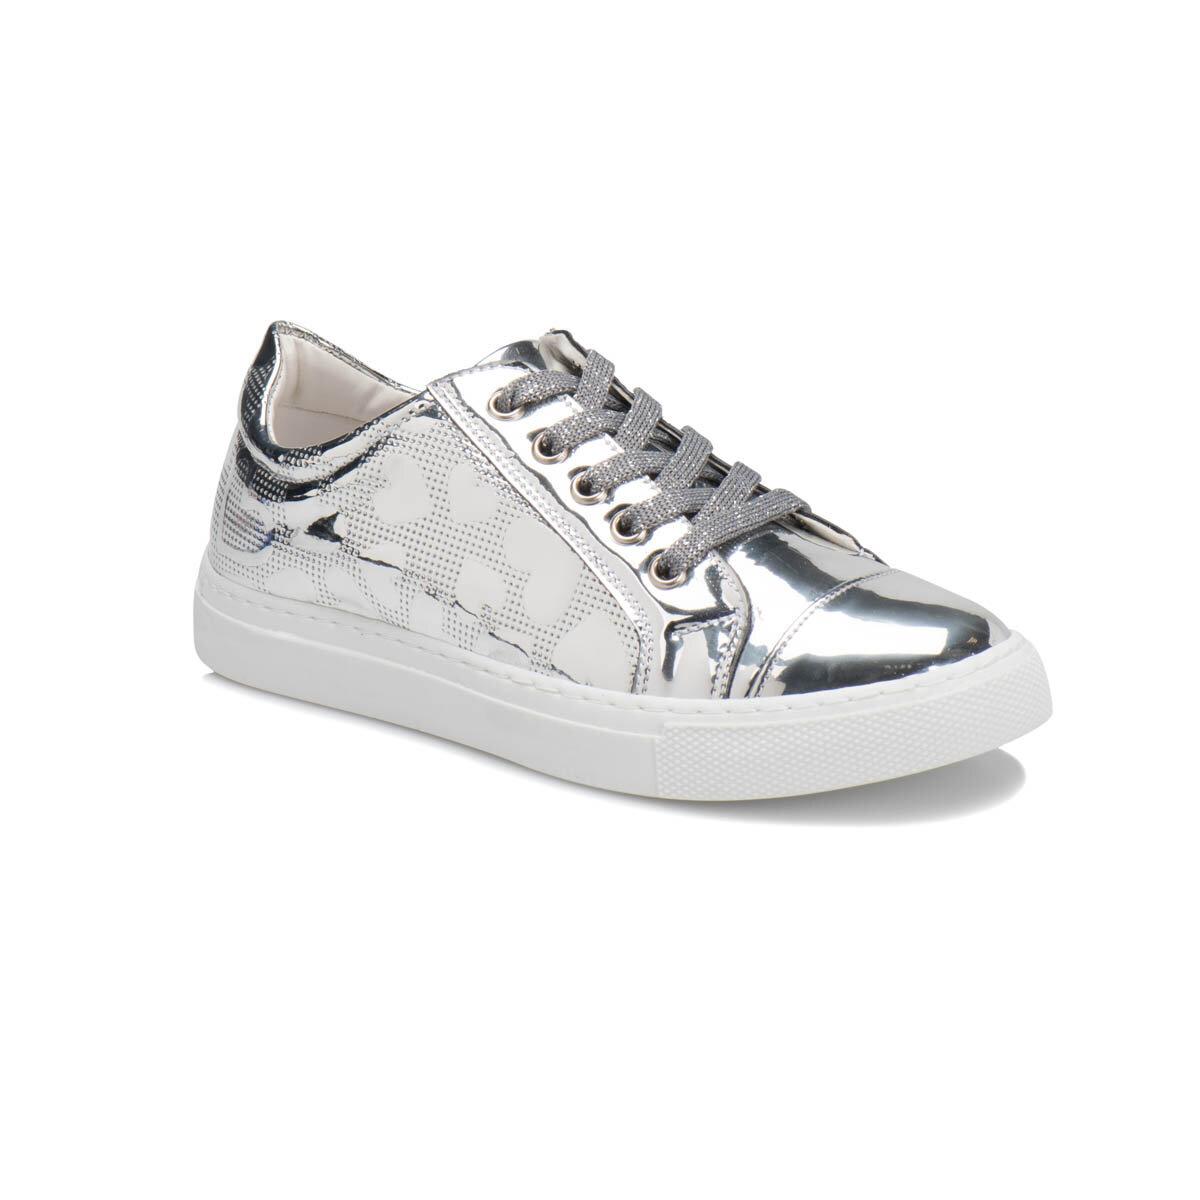 Gümüş Kız Çocuk Sneaker Ayakkabı PARY